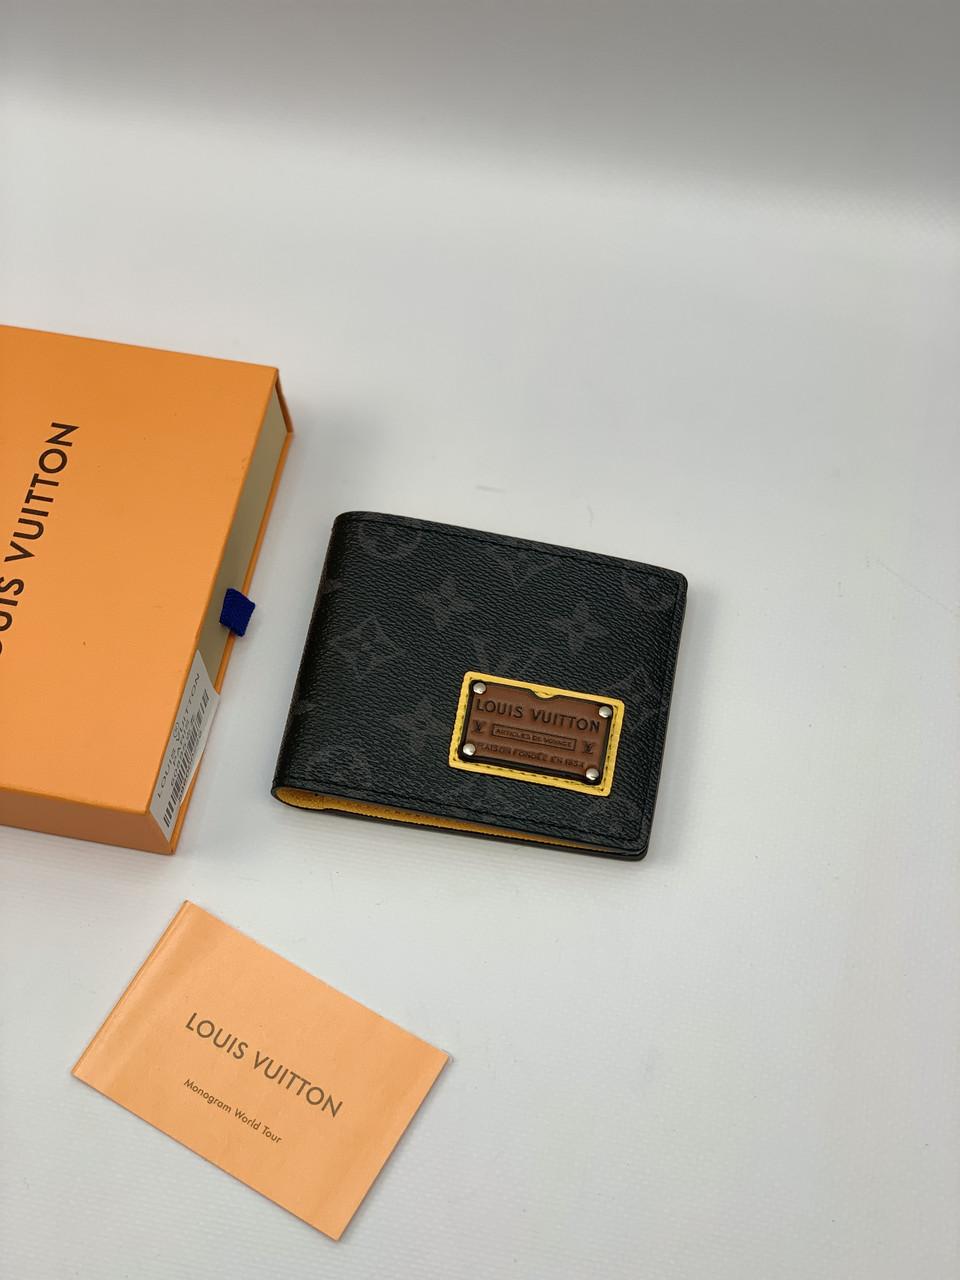 Кошелек LOUIS VUITTON бумажник клатч портмоне кожаный мужской женский премиум реплика AAA+